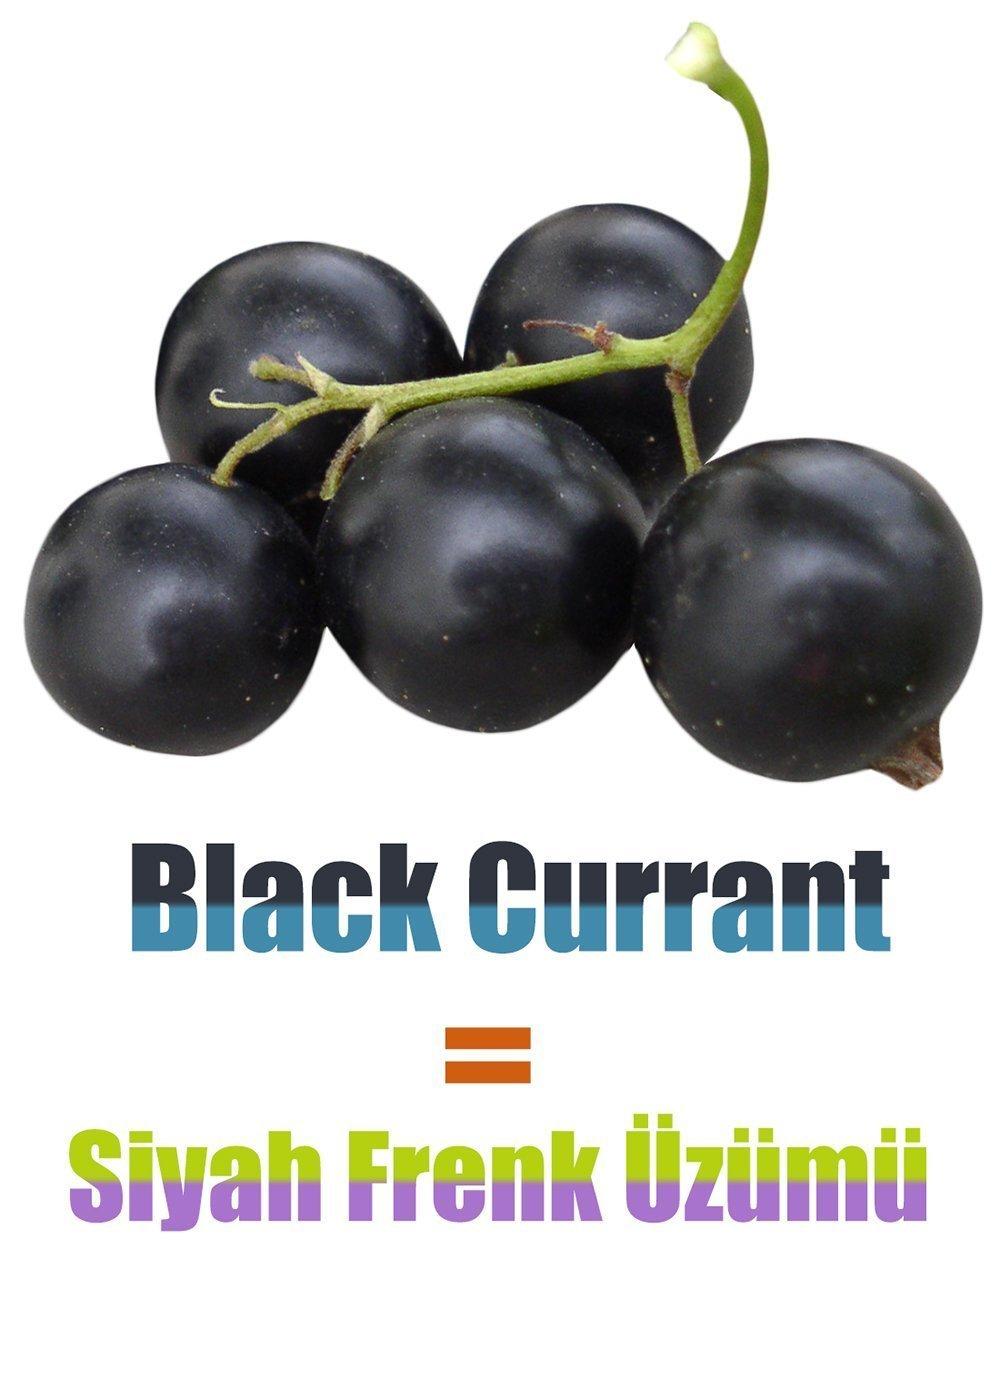 İngilizce Meyve İsimleri - Siyah Frenk Üzümü İngilizcesi (Black Currant)